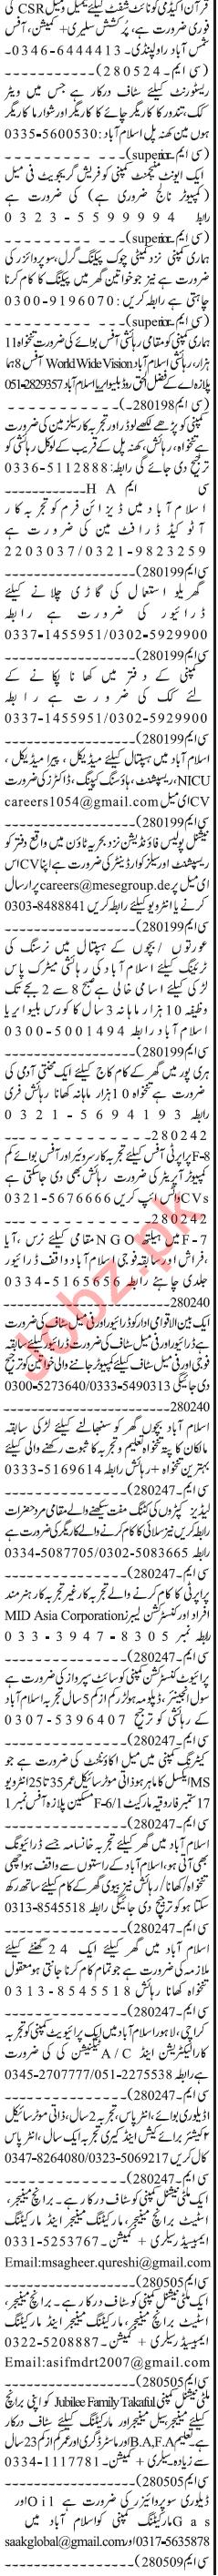 Management Staff Jobs 2018 in Rawalpindi